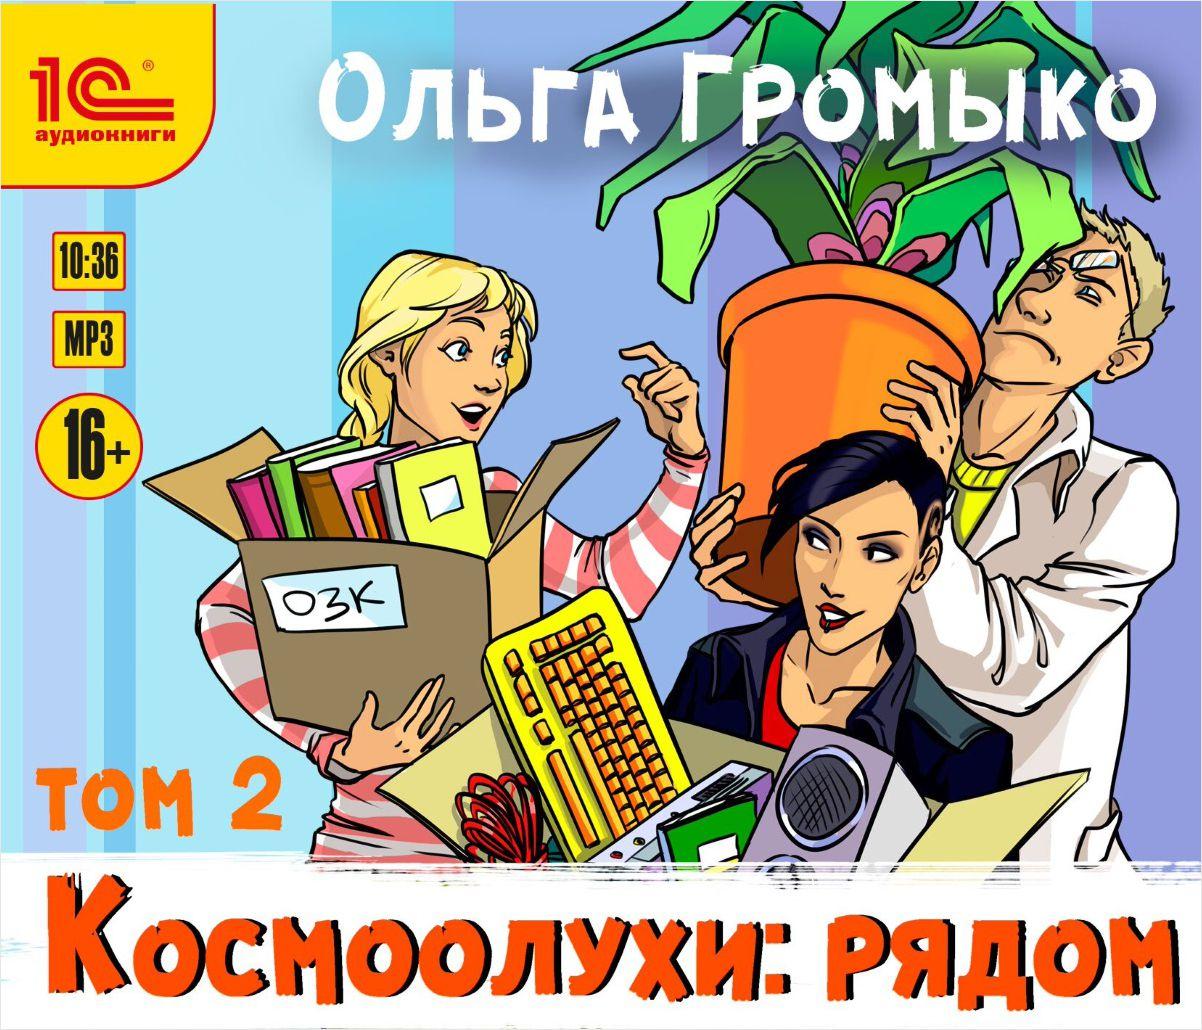 Ольга Громыко Космоолухи: Рядом. Том 2 (цифровая версия) (Цифровая версия)